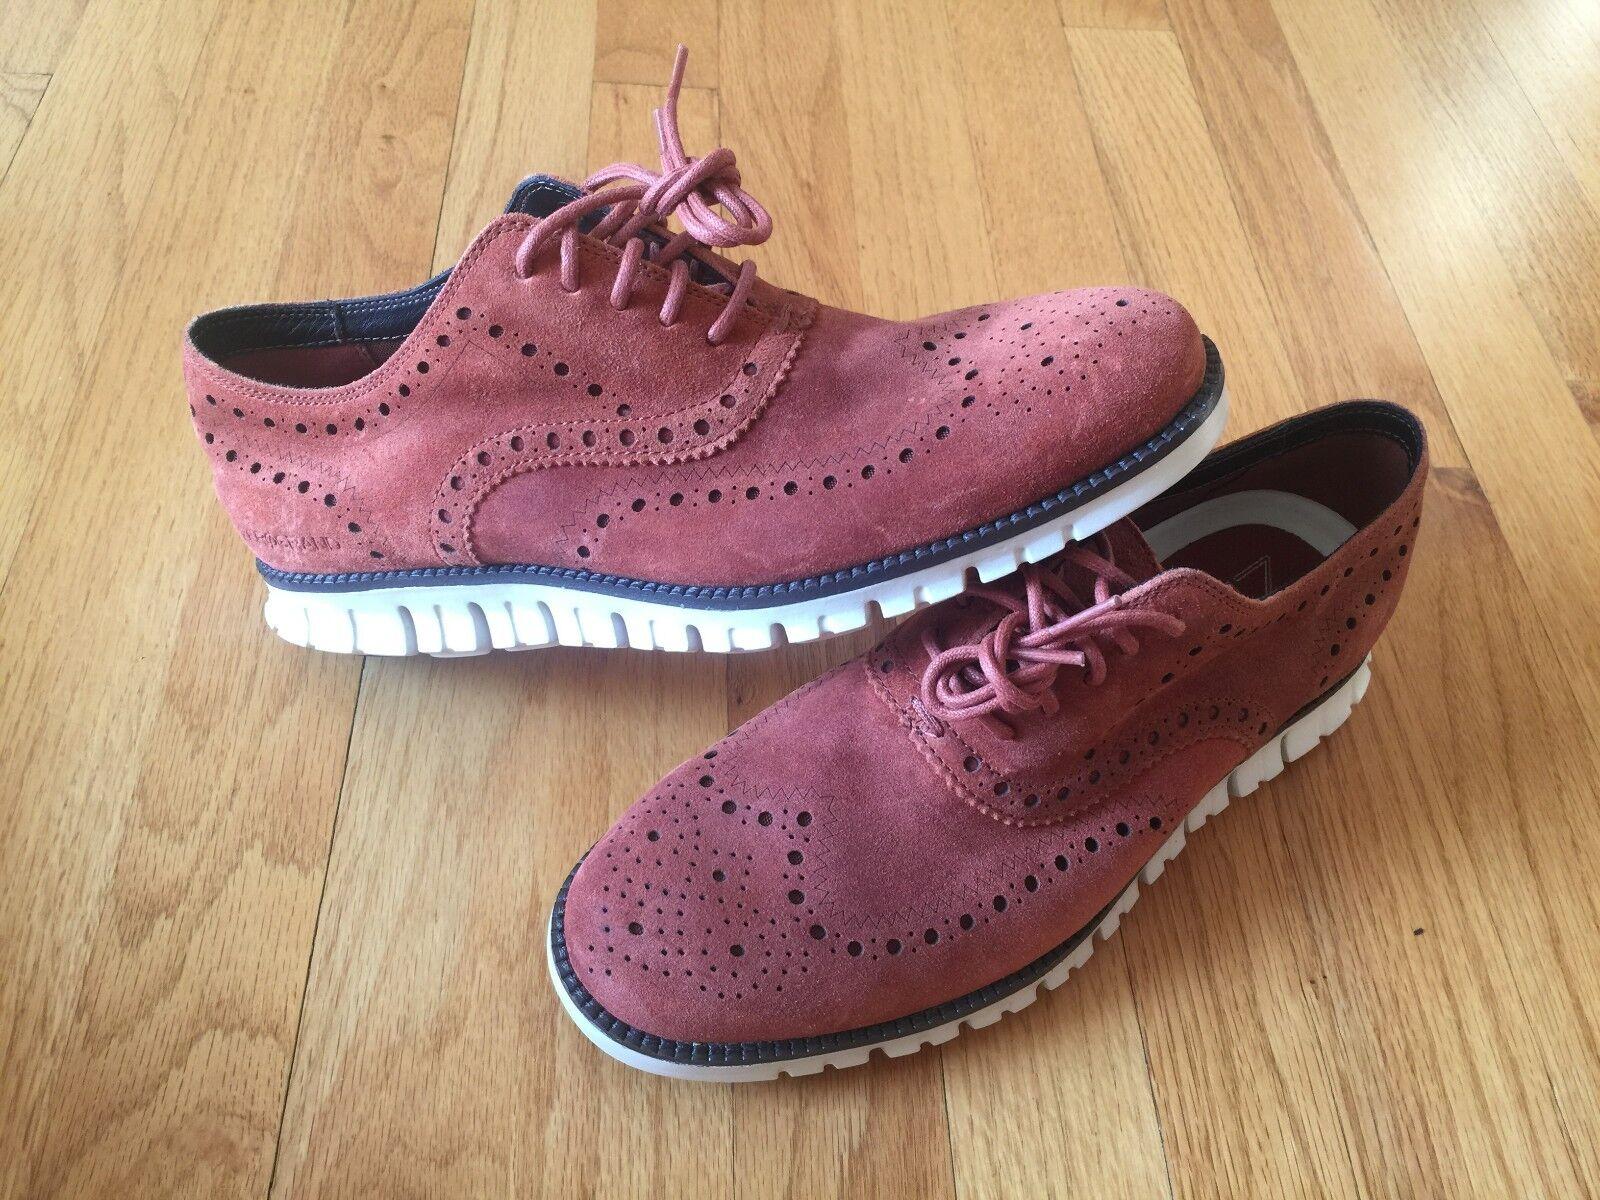 Cole Haan zerogrand punta del ala Oxford Zapato De Gamuza Brandy Marrón Marfil C25561 Talla 8.5 9